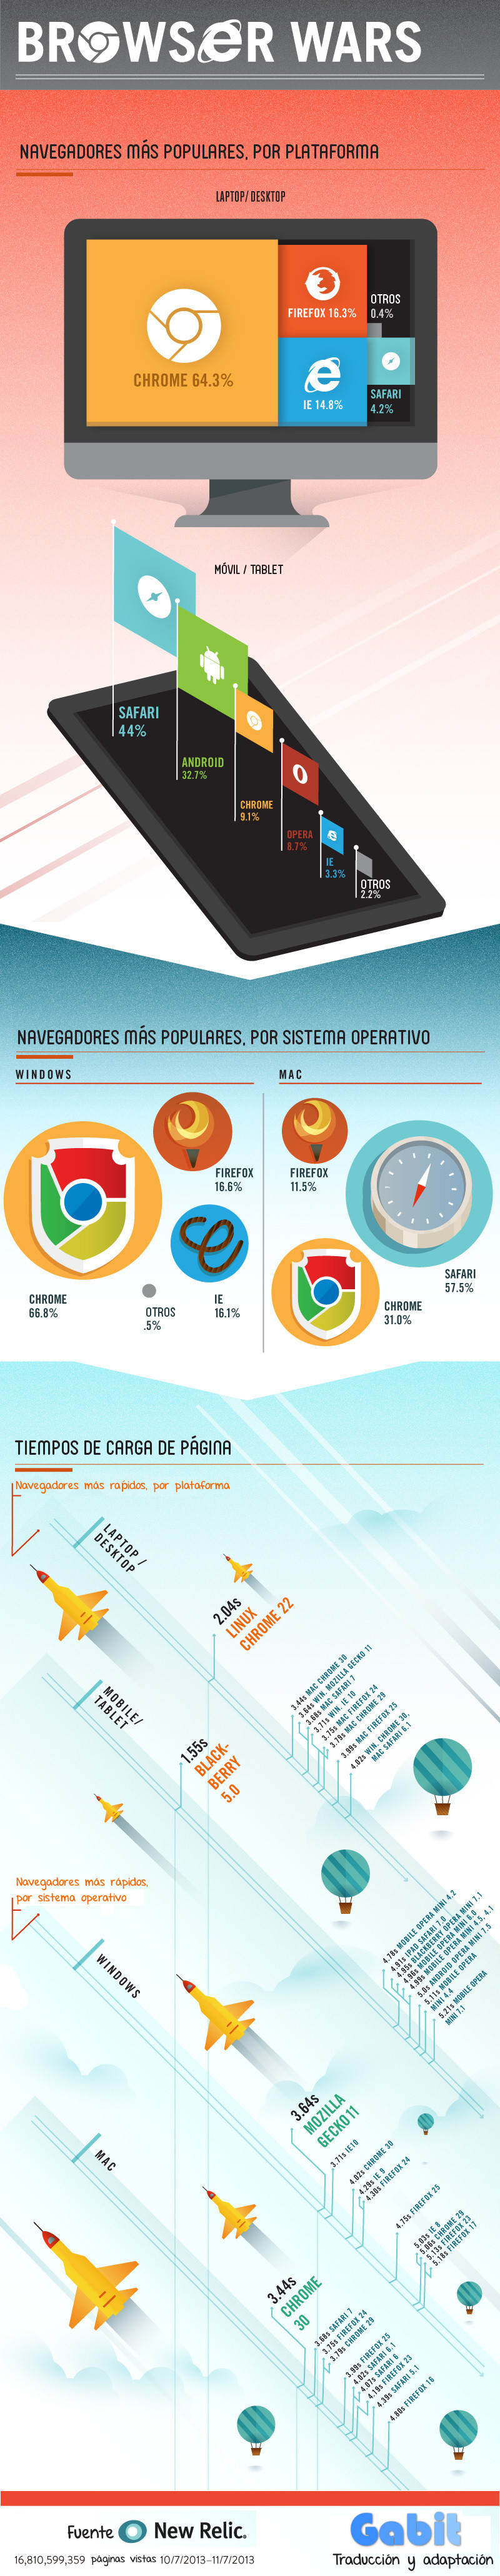 Infografía datos navegadores 2013